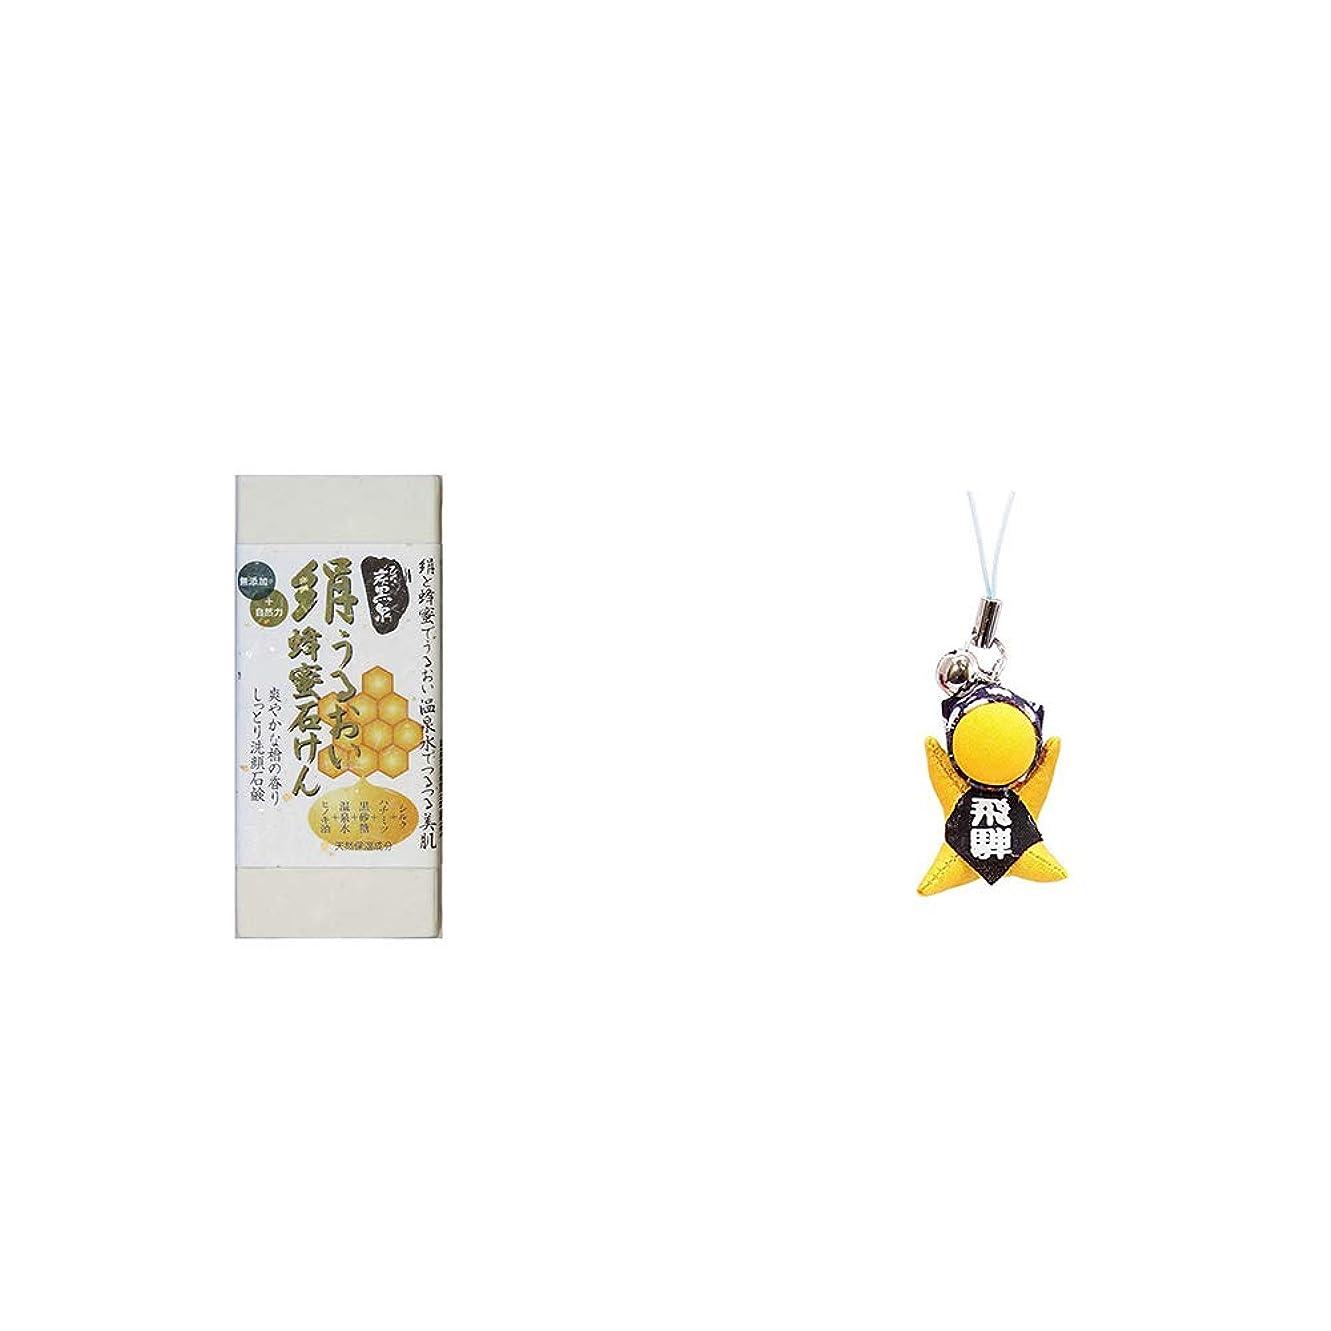 水じゃない腹痛[2点セット] ひのき炭黒泉 絹うるおい蜂蜜石けん(75g×2)?さるぼぼ幸福ストラップ 【緑】 / 風水カラー全9種類 健康 お守り//